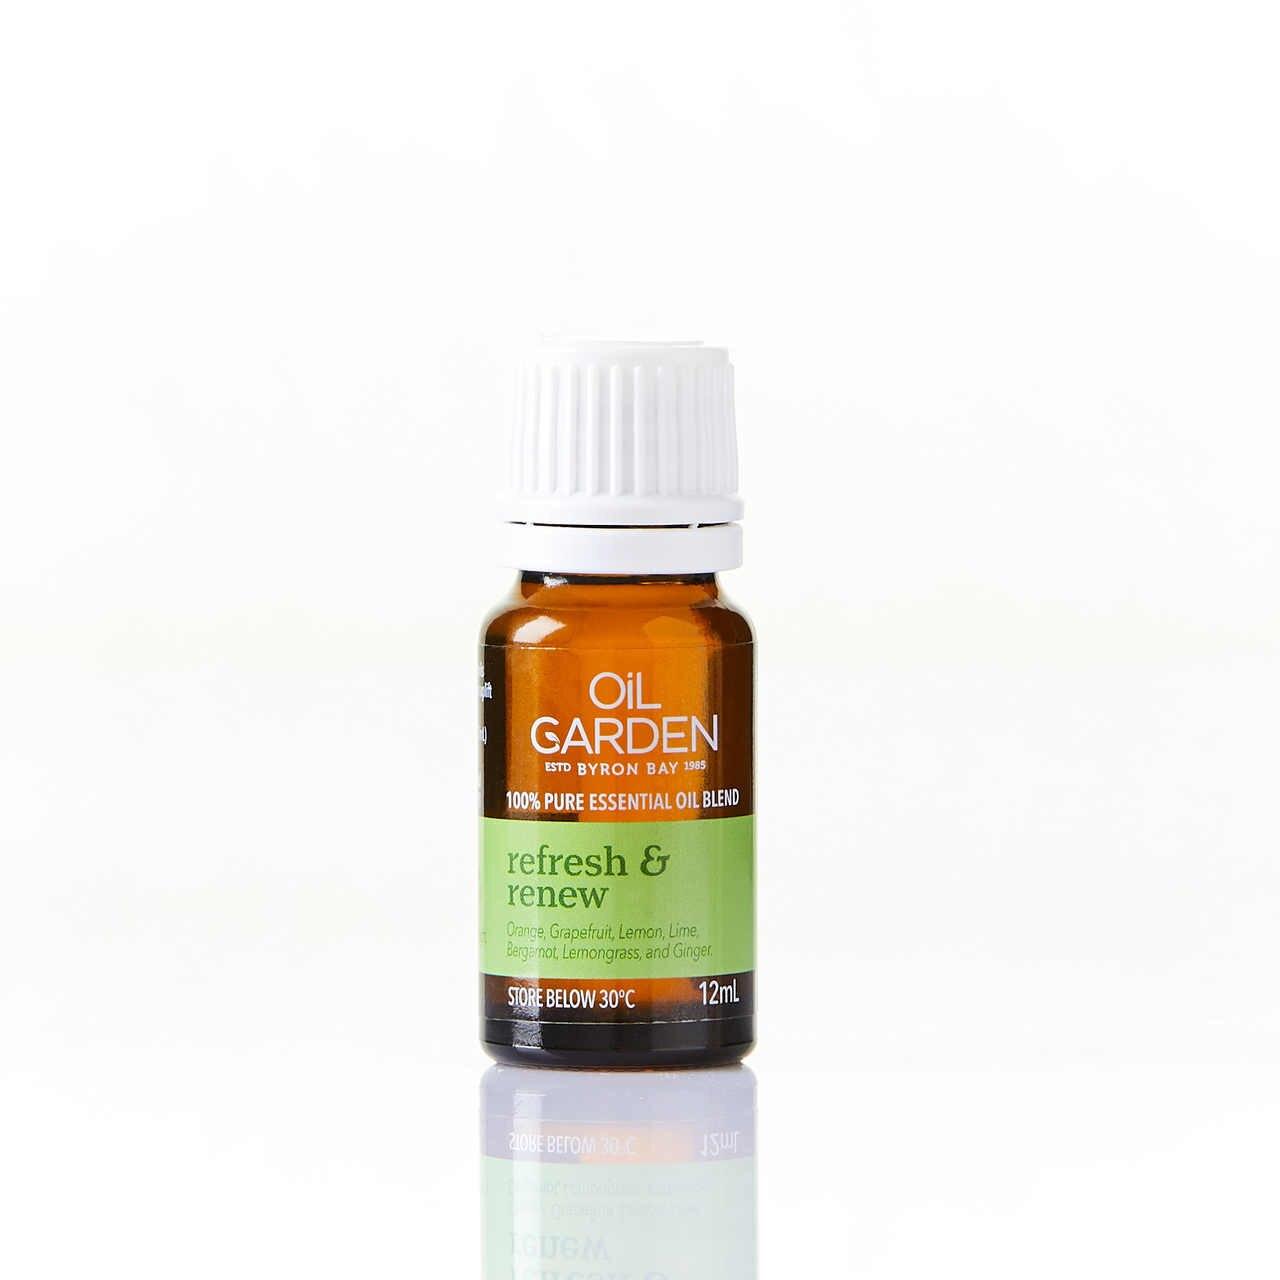 Oil Garden Refresh & Renew Essential Oil Blend 12mL 6620001